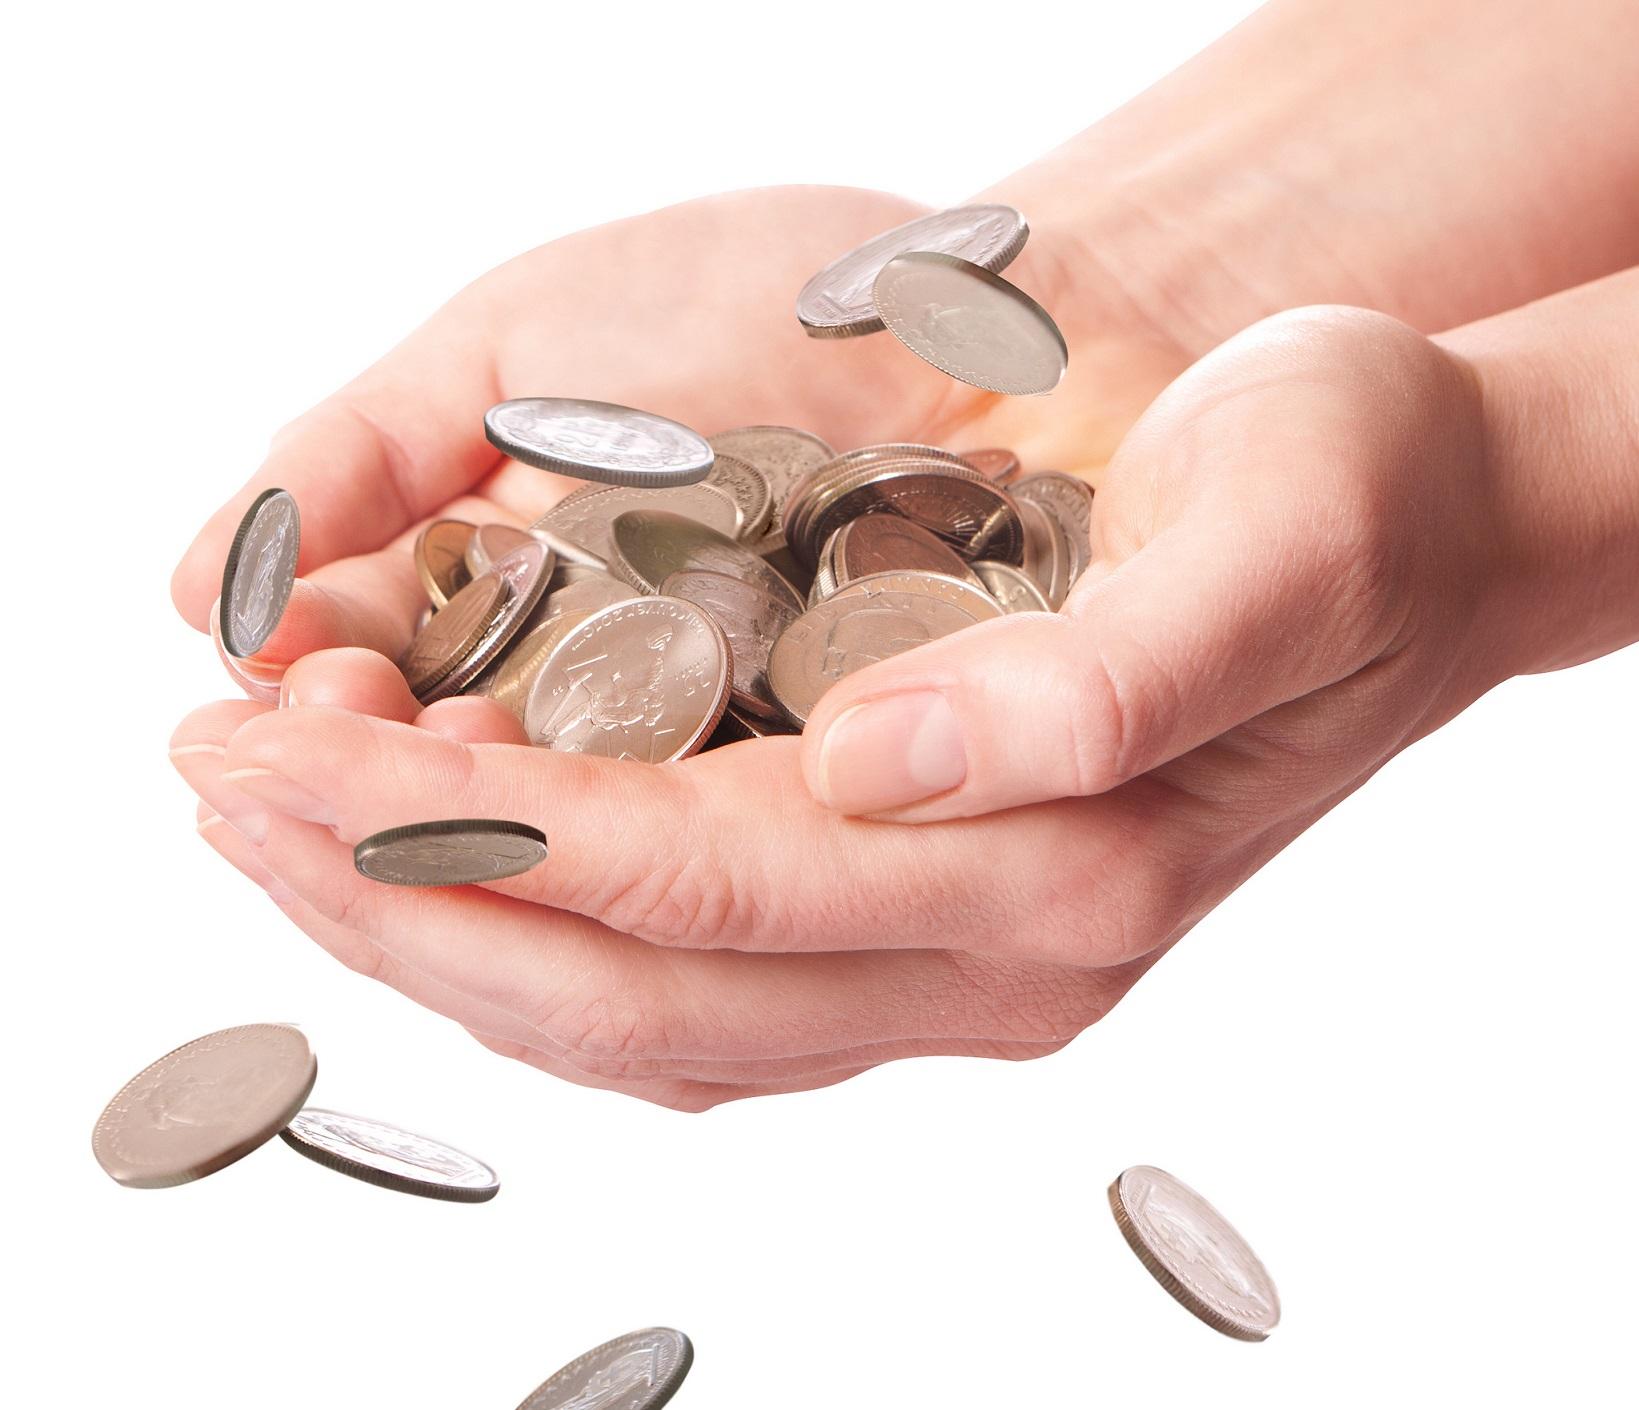 jak ustrzec się przed pożyczkami świątecznymi